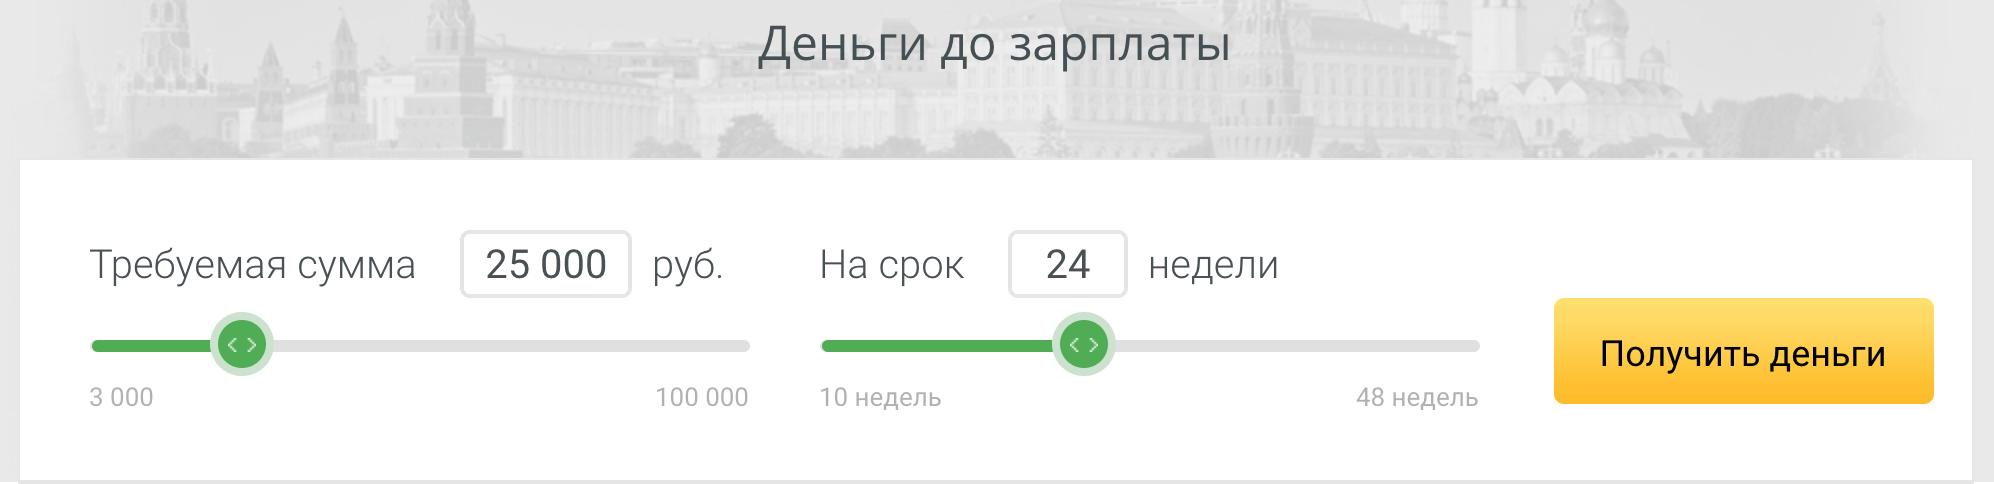 Не могу войти в личный кабинет втб 24 банк клиент онлайн